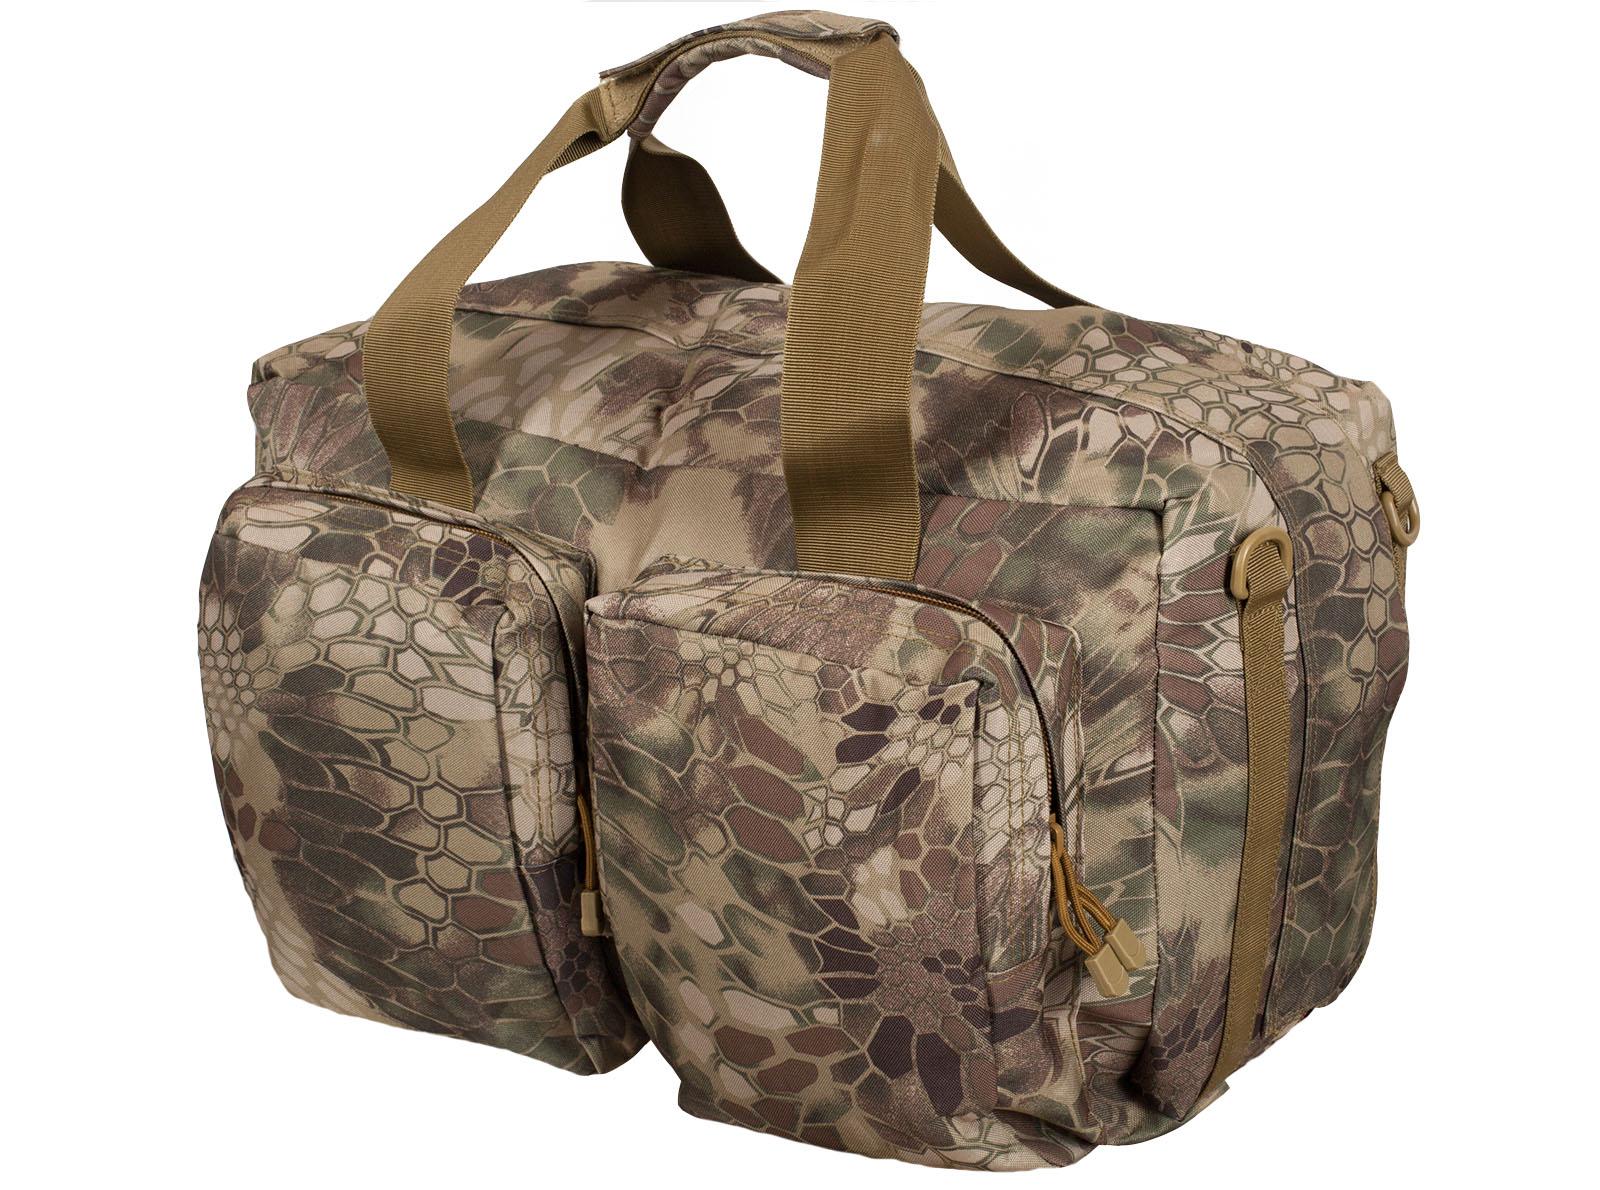 Заплечная тактическая сумка Эх, Хвост, Чешуя - купить оптом